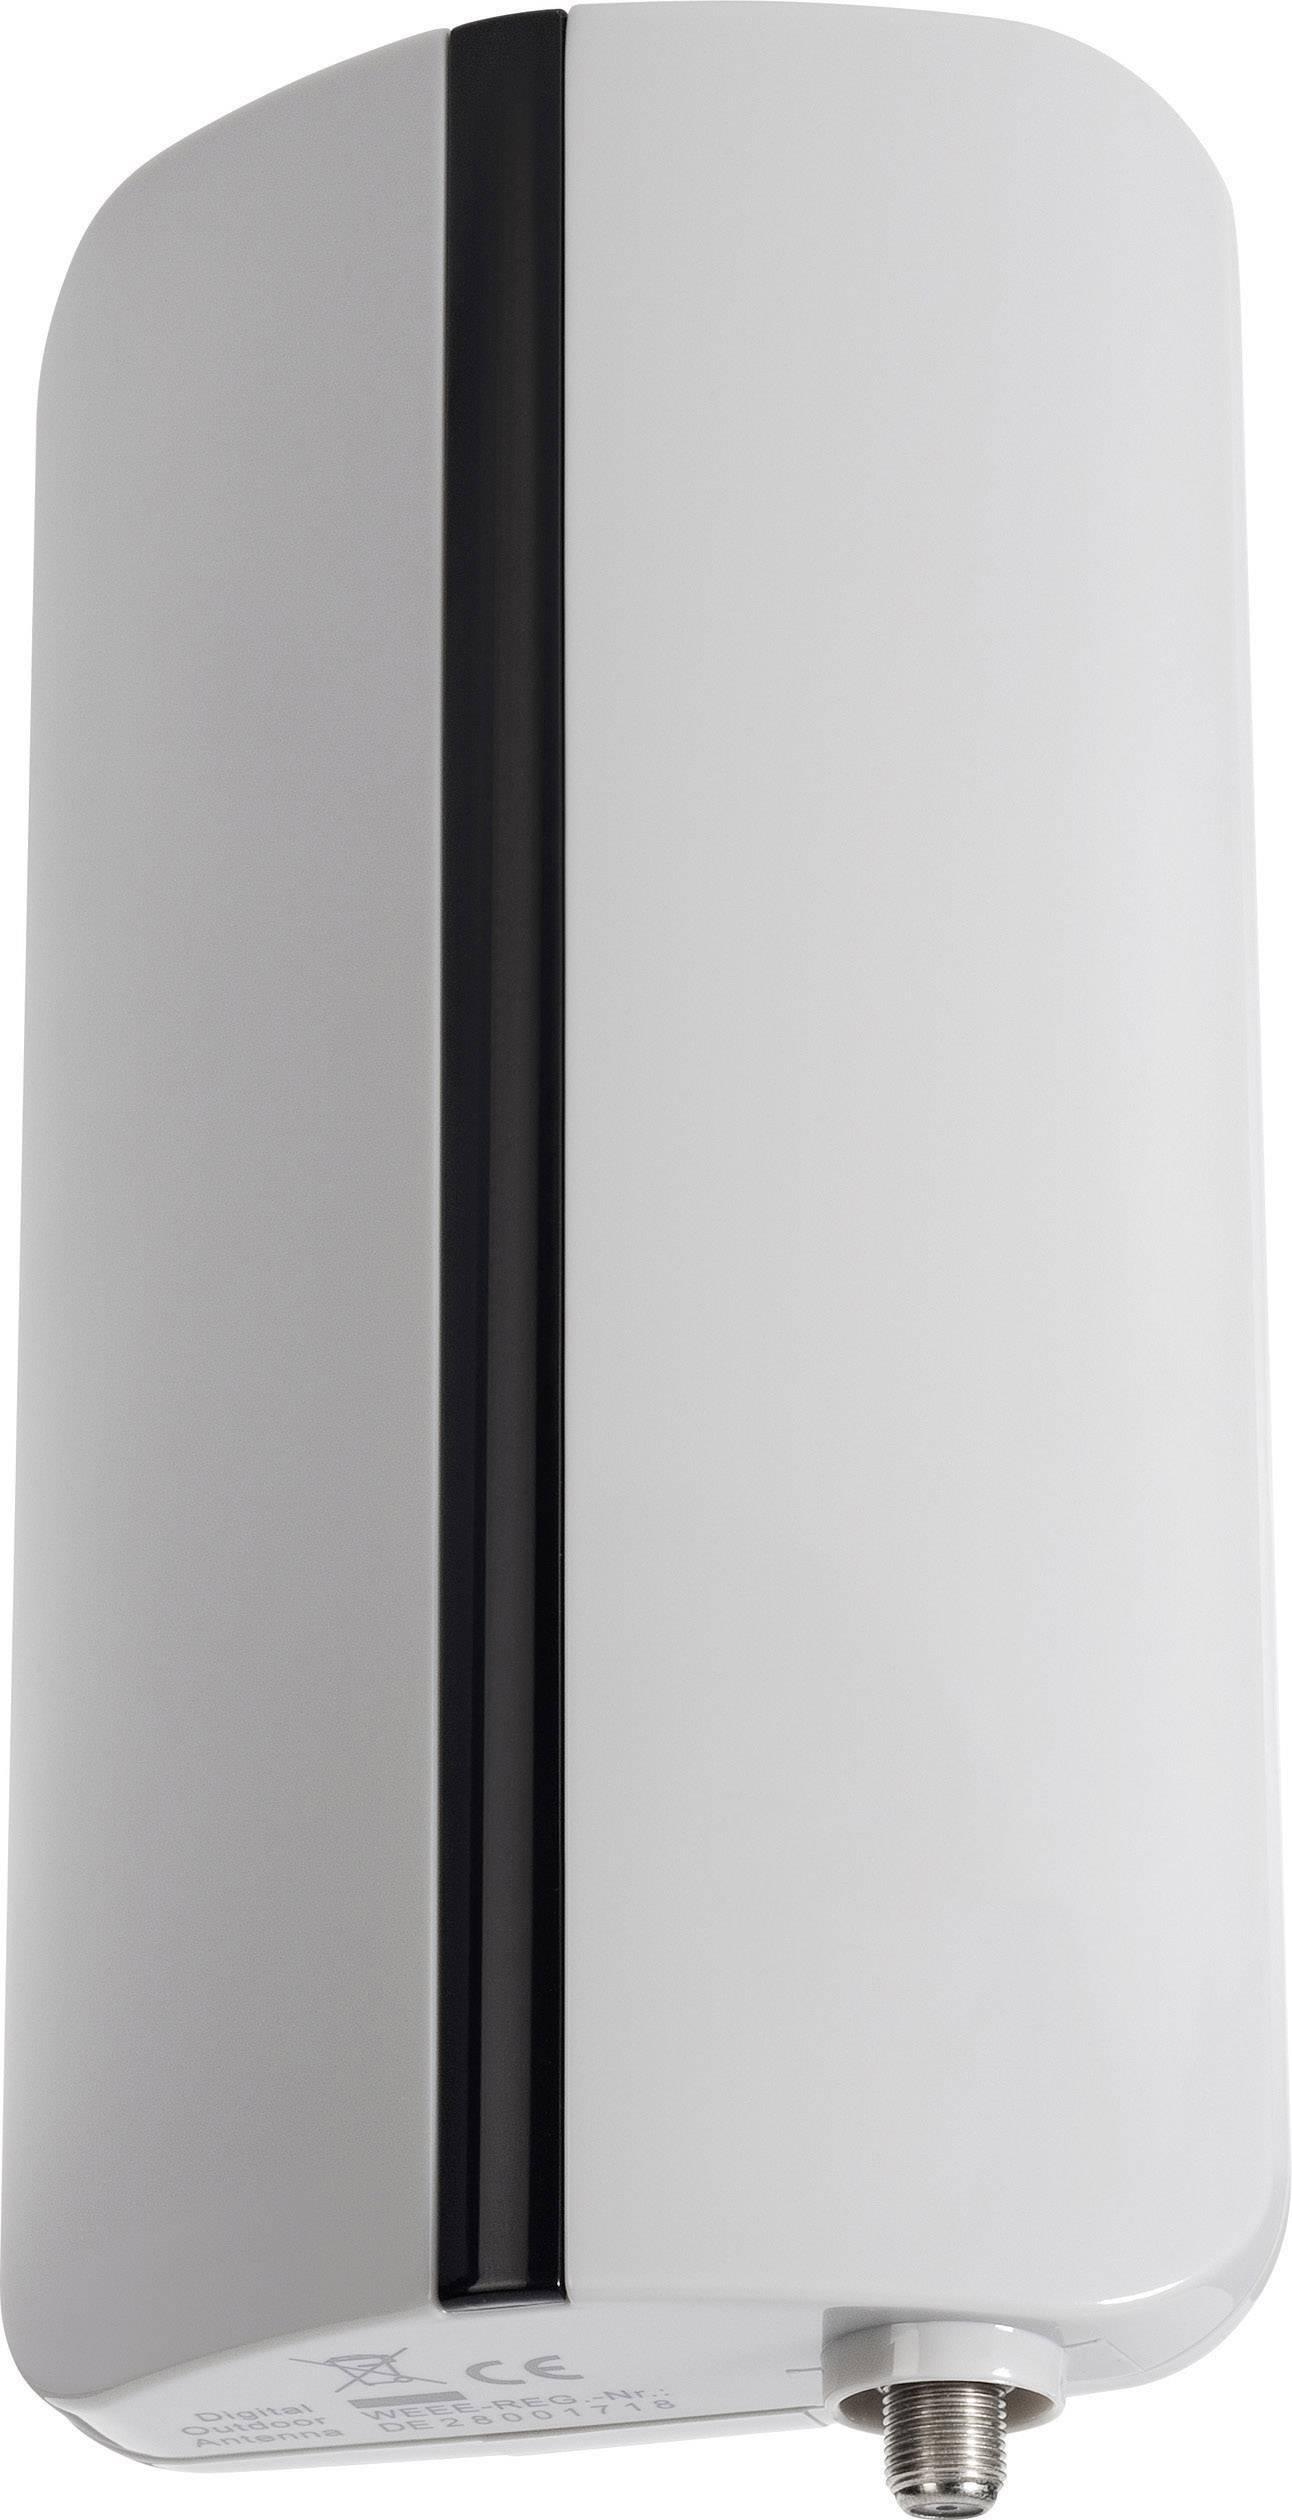 Aktivní venkovní DVB-T anténa Renkforce, 20 dB